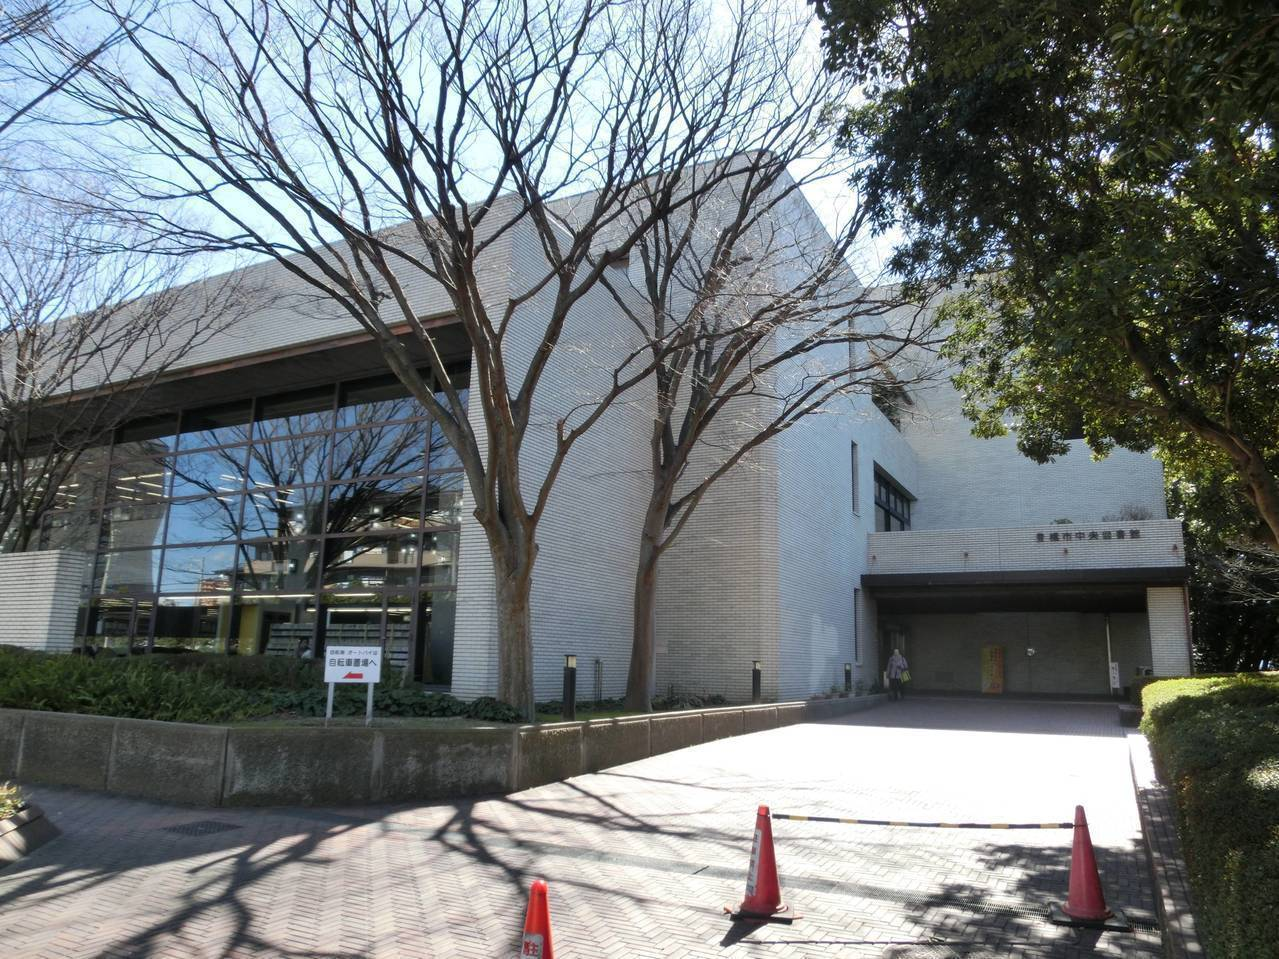 【図書館】豊橋市中央図書館まで徒歩30分(2341m)